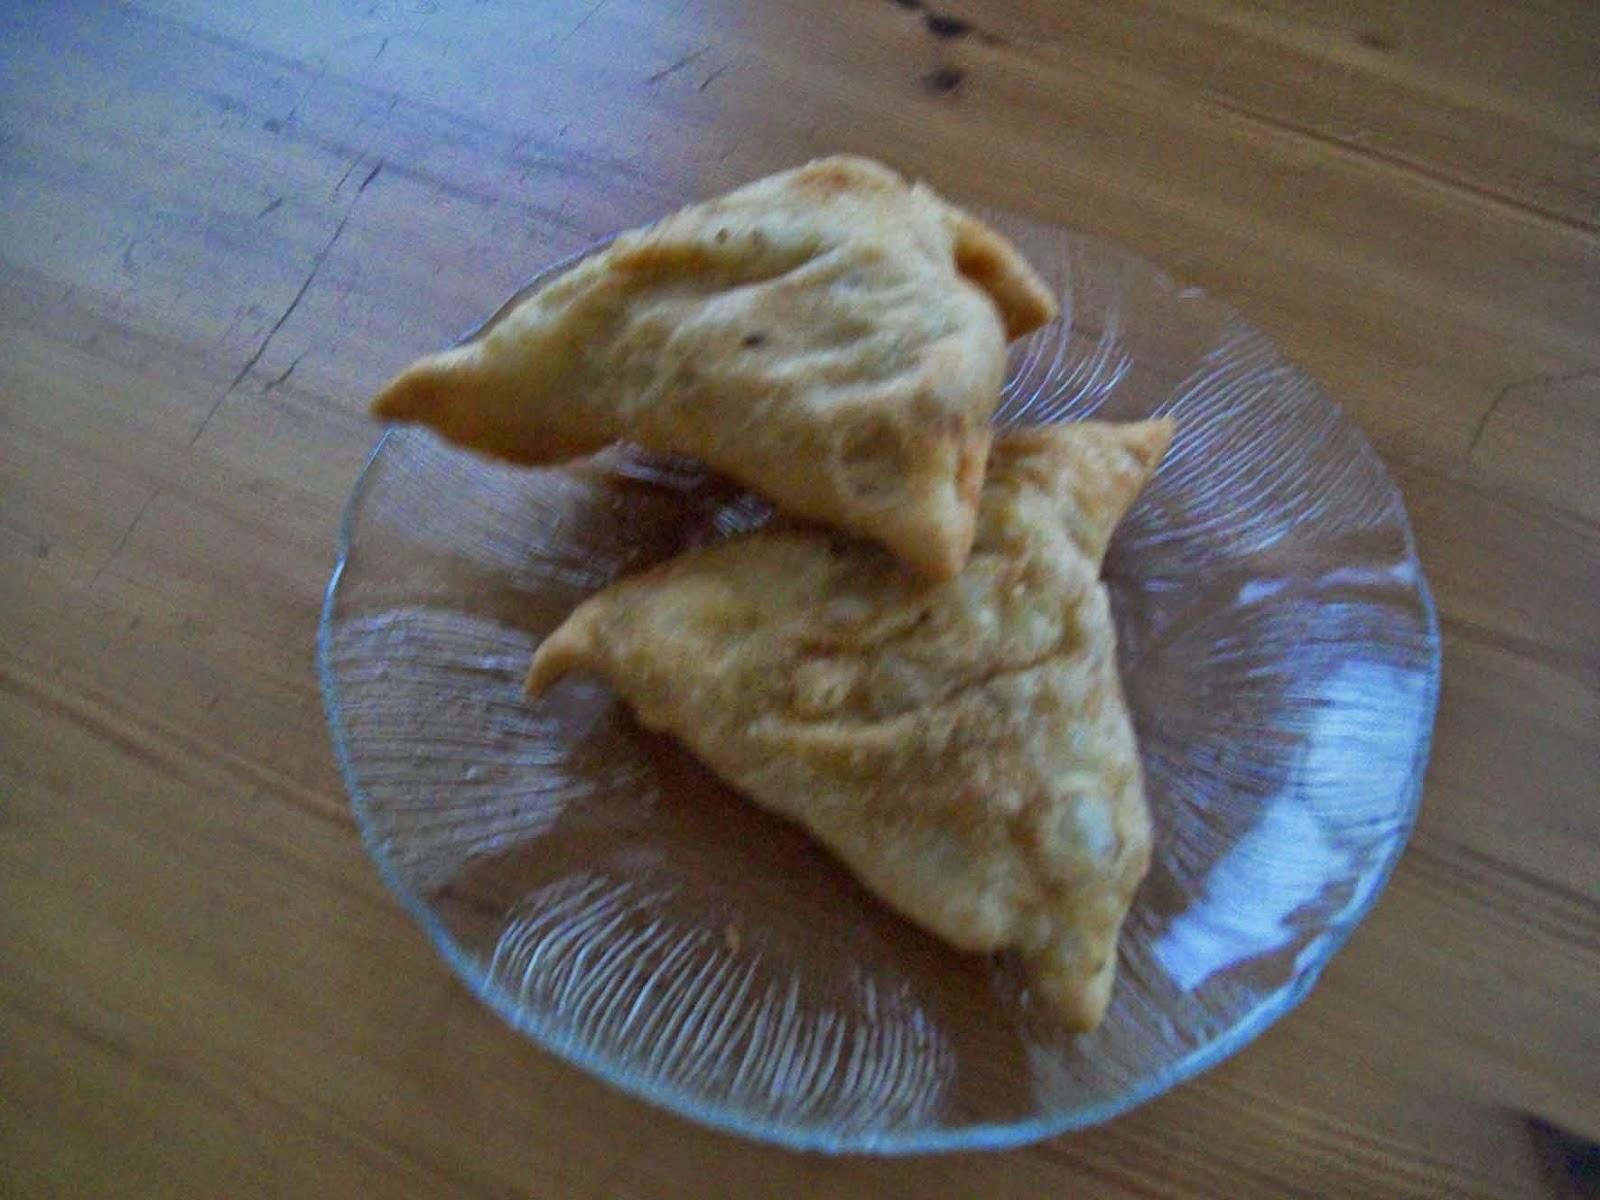 vegan essen in wien - Vegane Samosa - Indien (veganes Rezept für 2 Personen) - hauptspeise